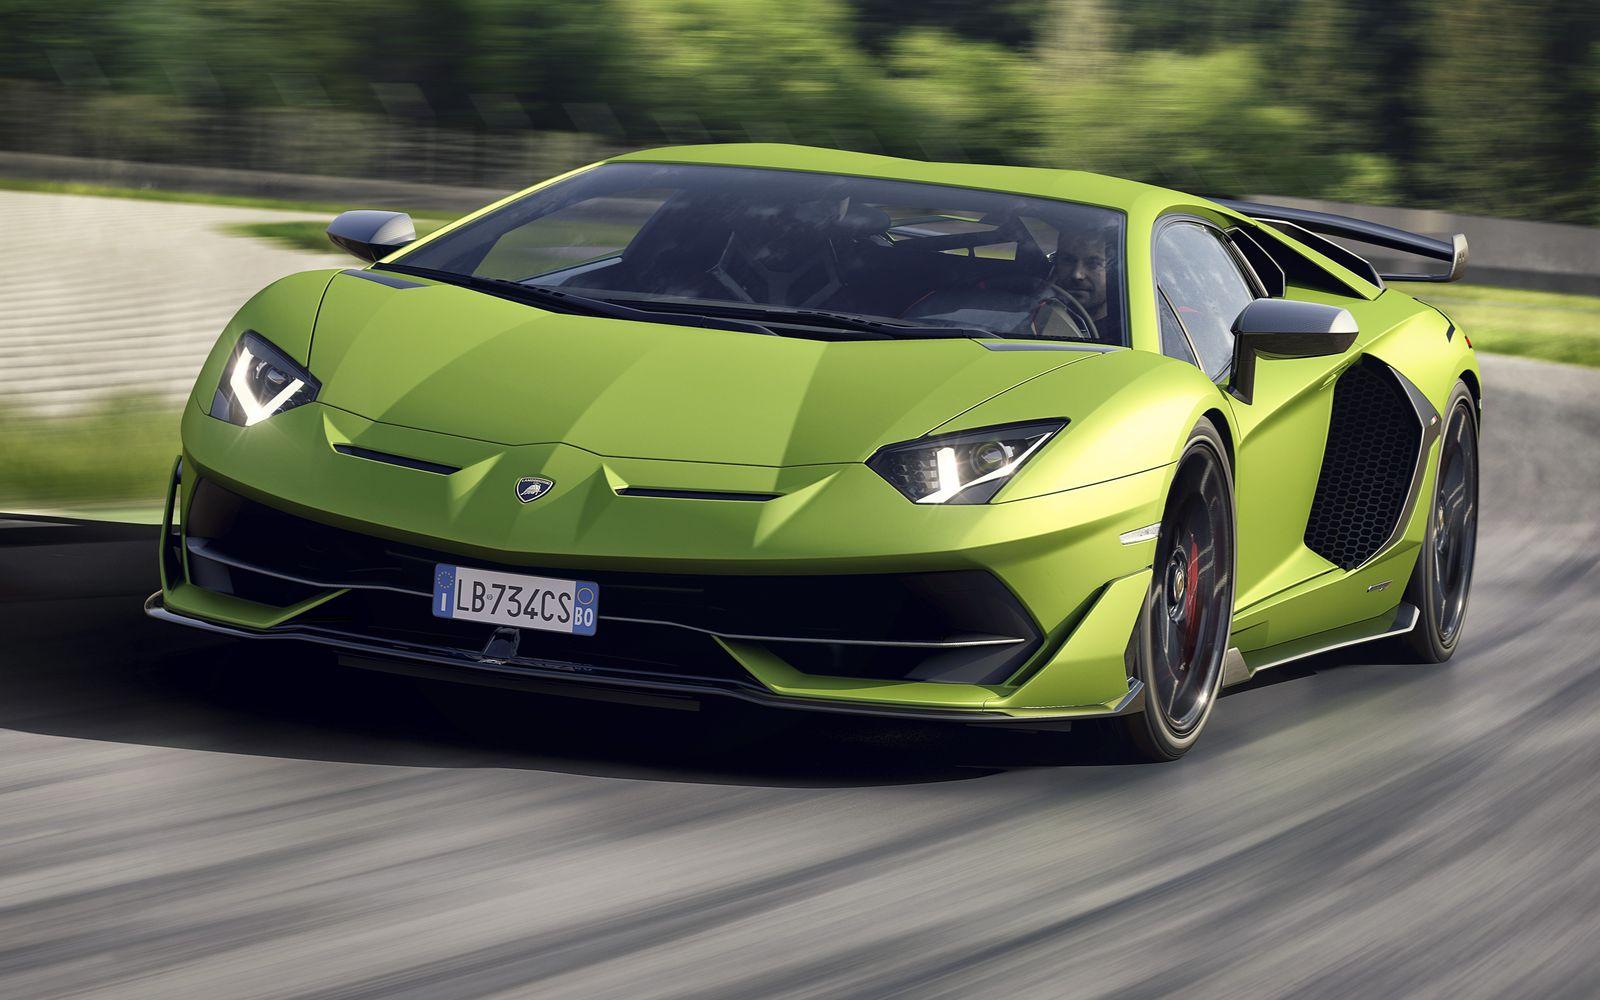 Lamborghini представила самый быстрый суперкар в своей истории